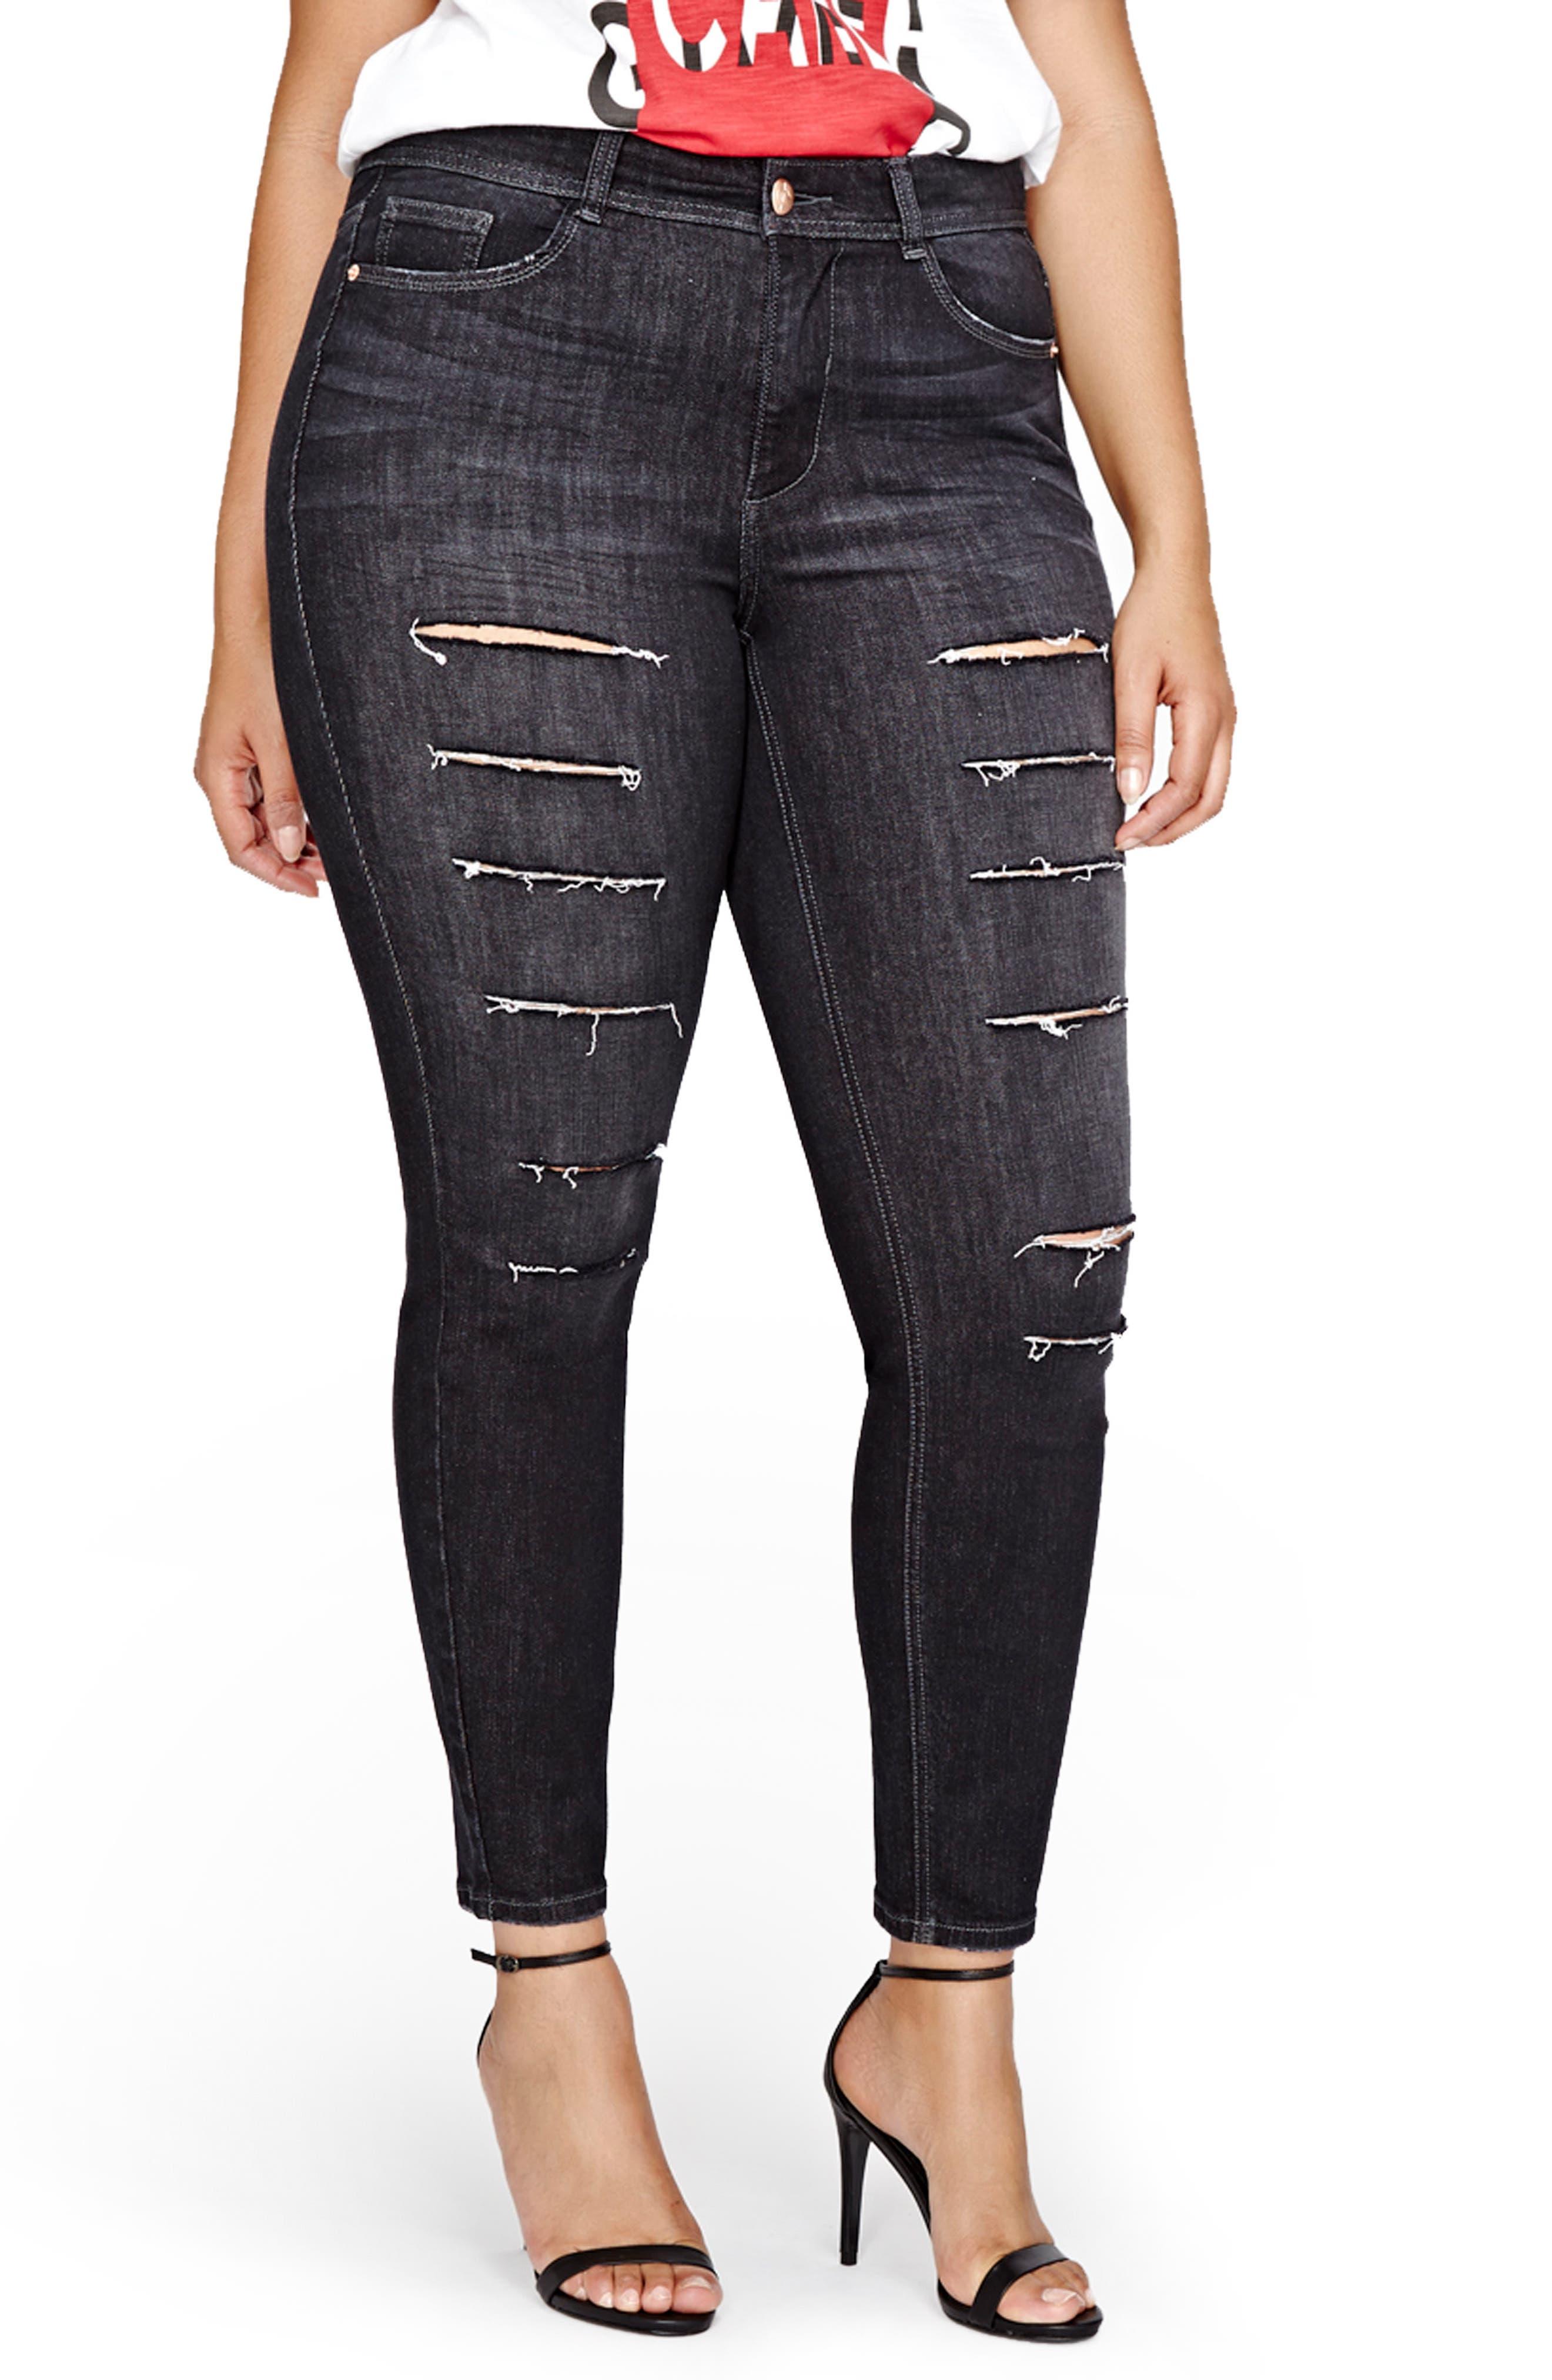 Slash Skinny Jeans,                             Main thumbnail 1, color,                             001